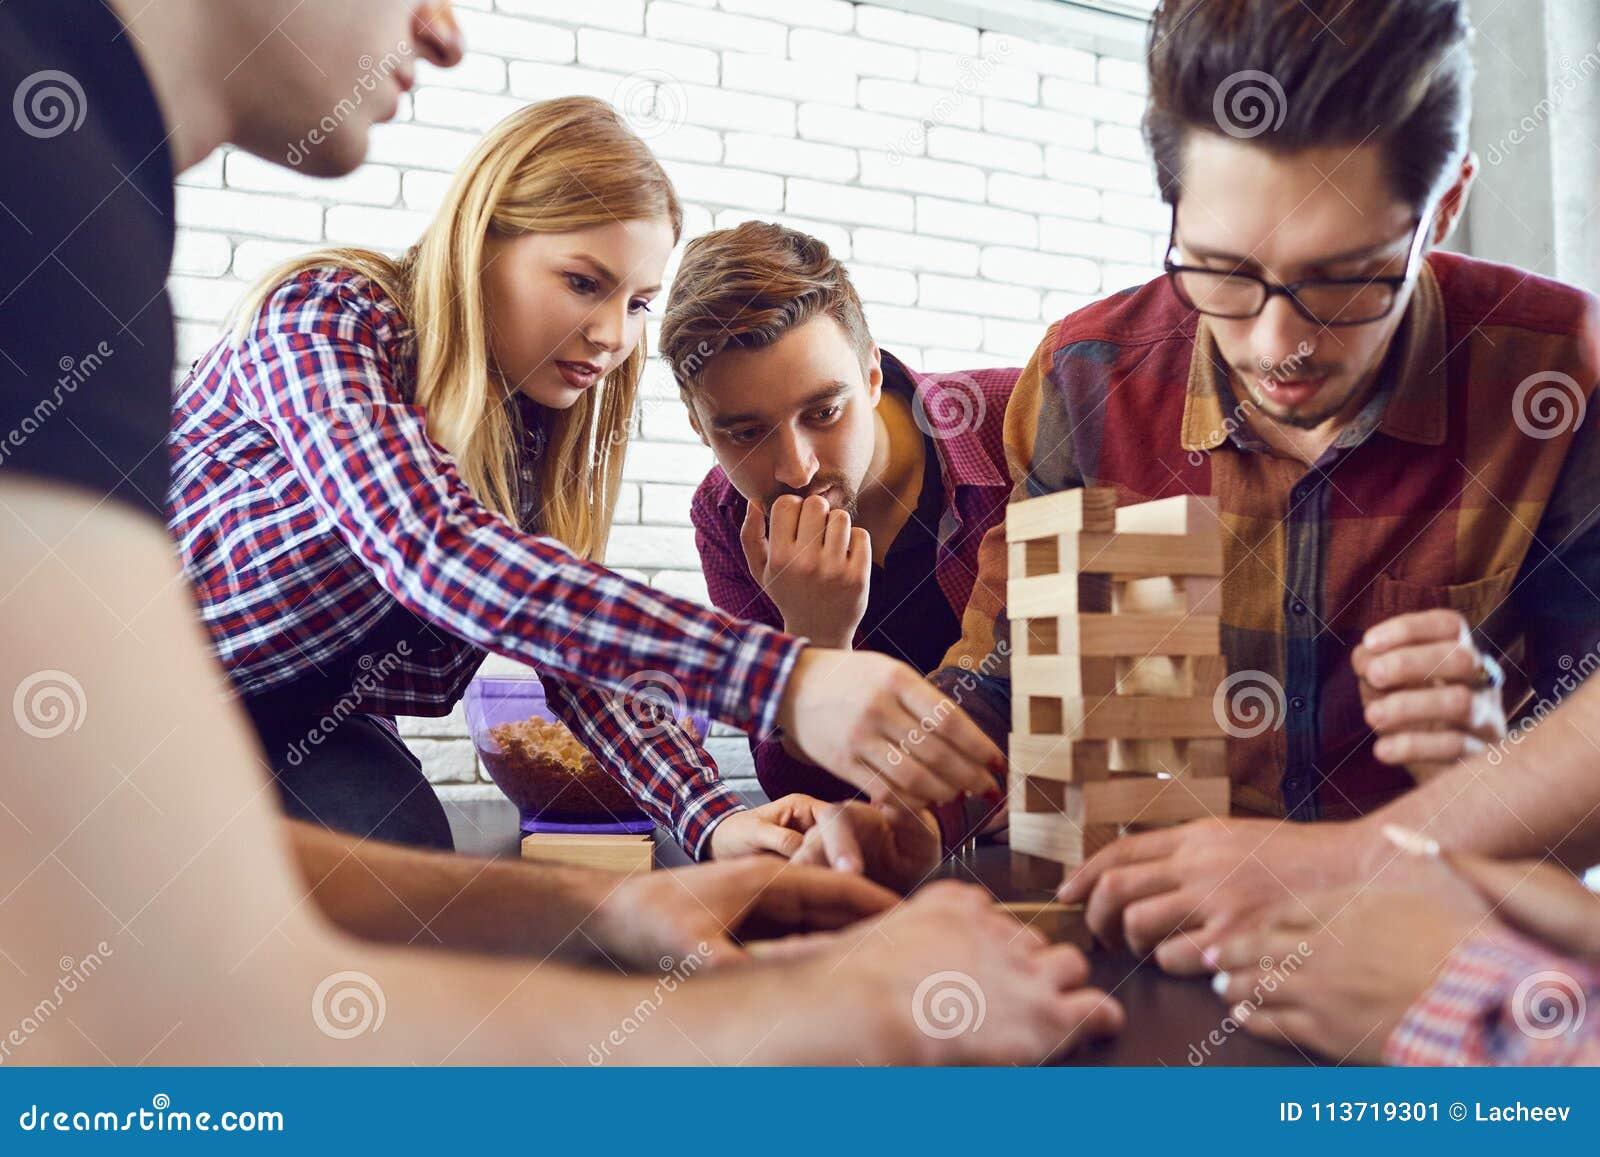 Un Grupo Alegre De Juegos De Mesa Del Juego De Los Amigos Imagen De